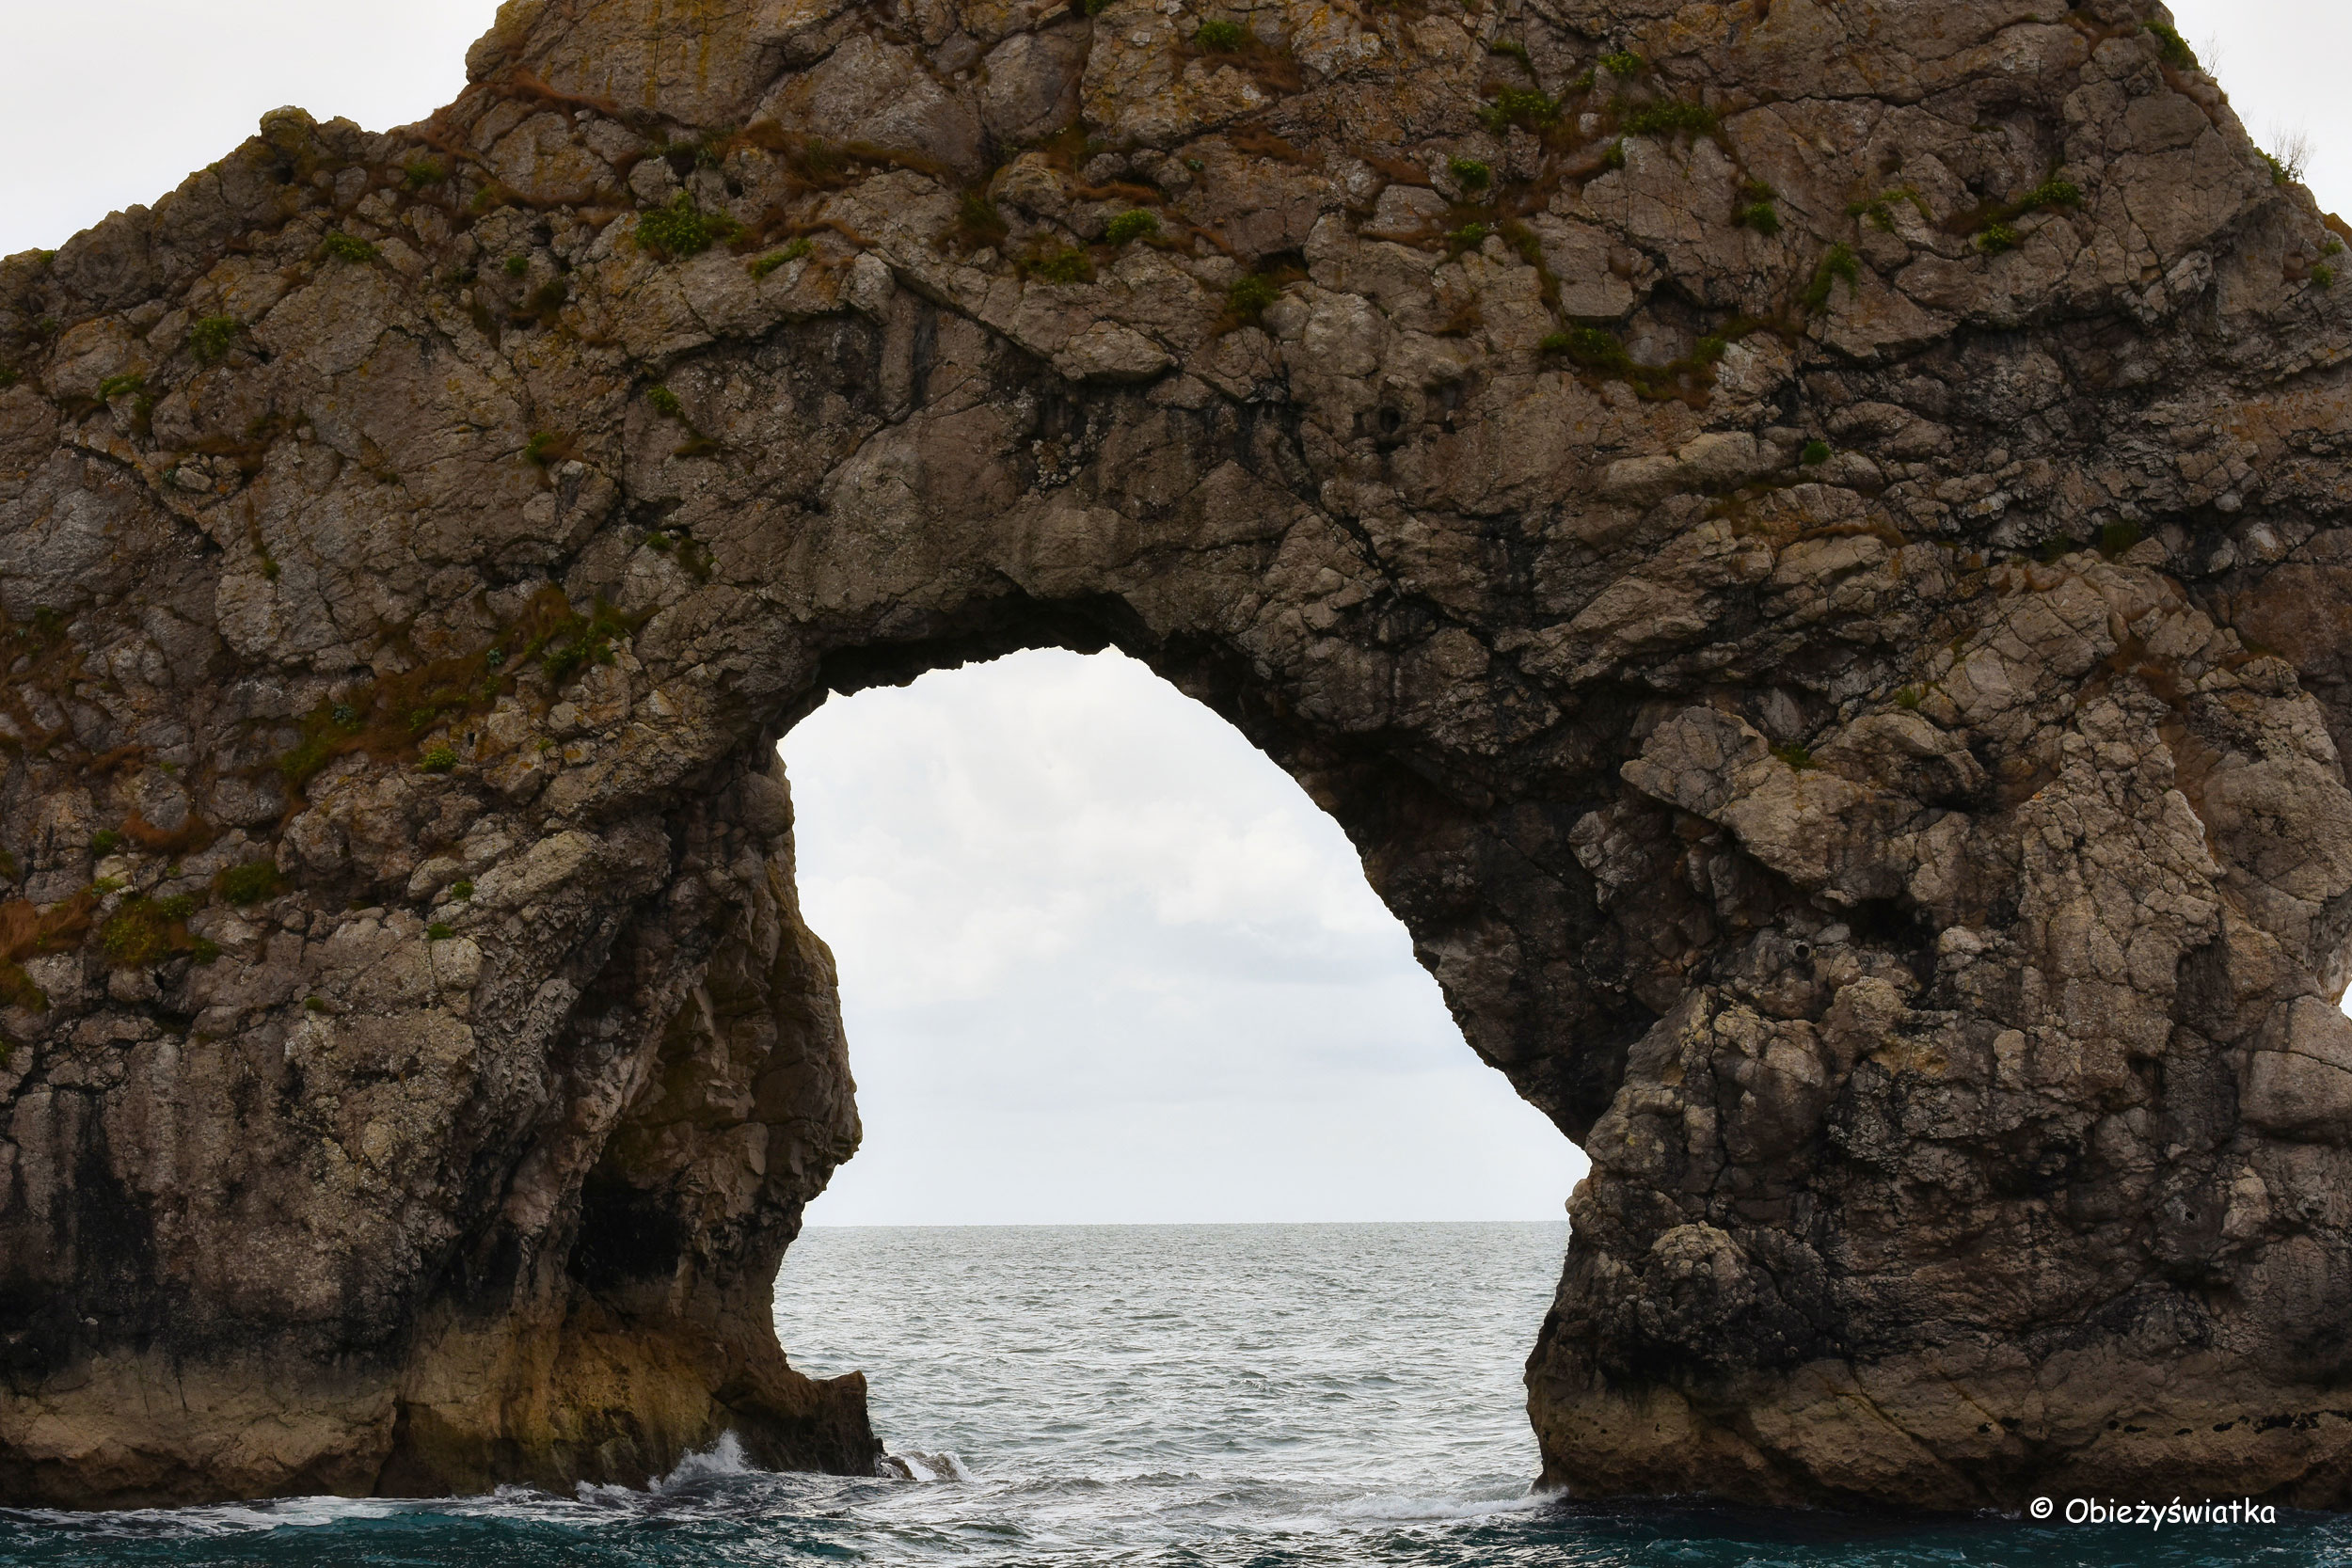 Durdle Door, Jurassic Coast, UK